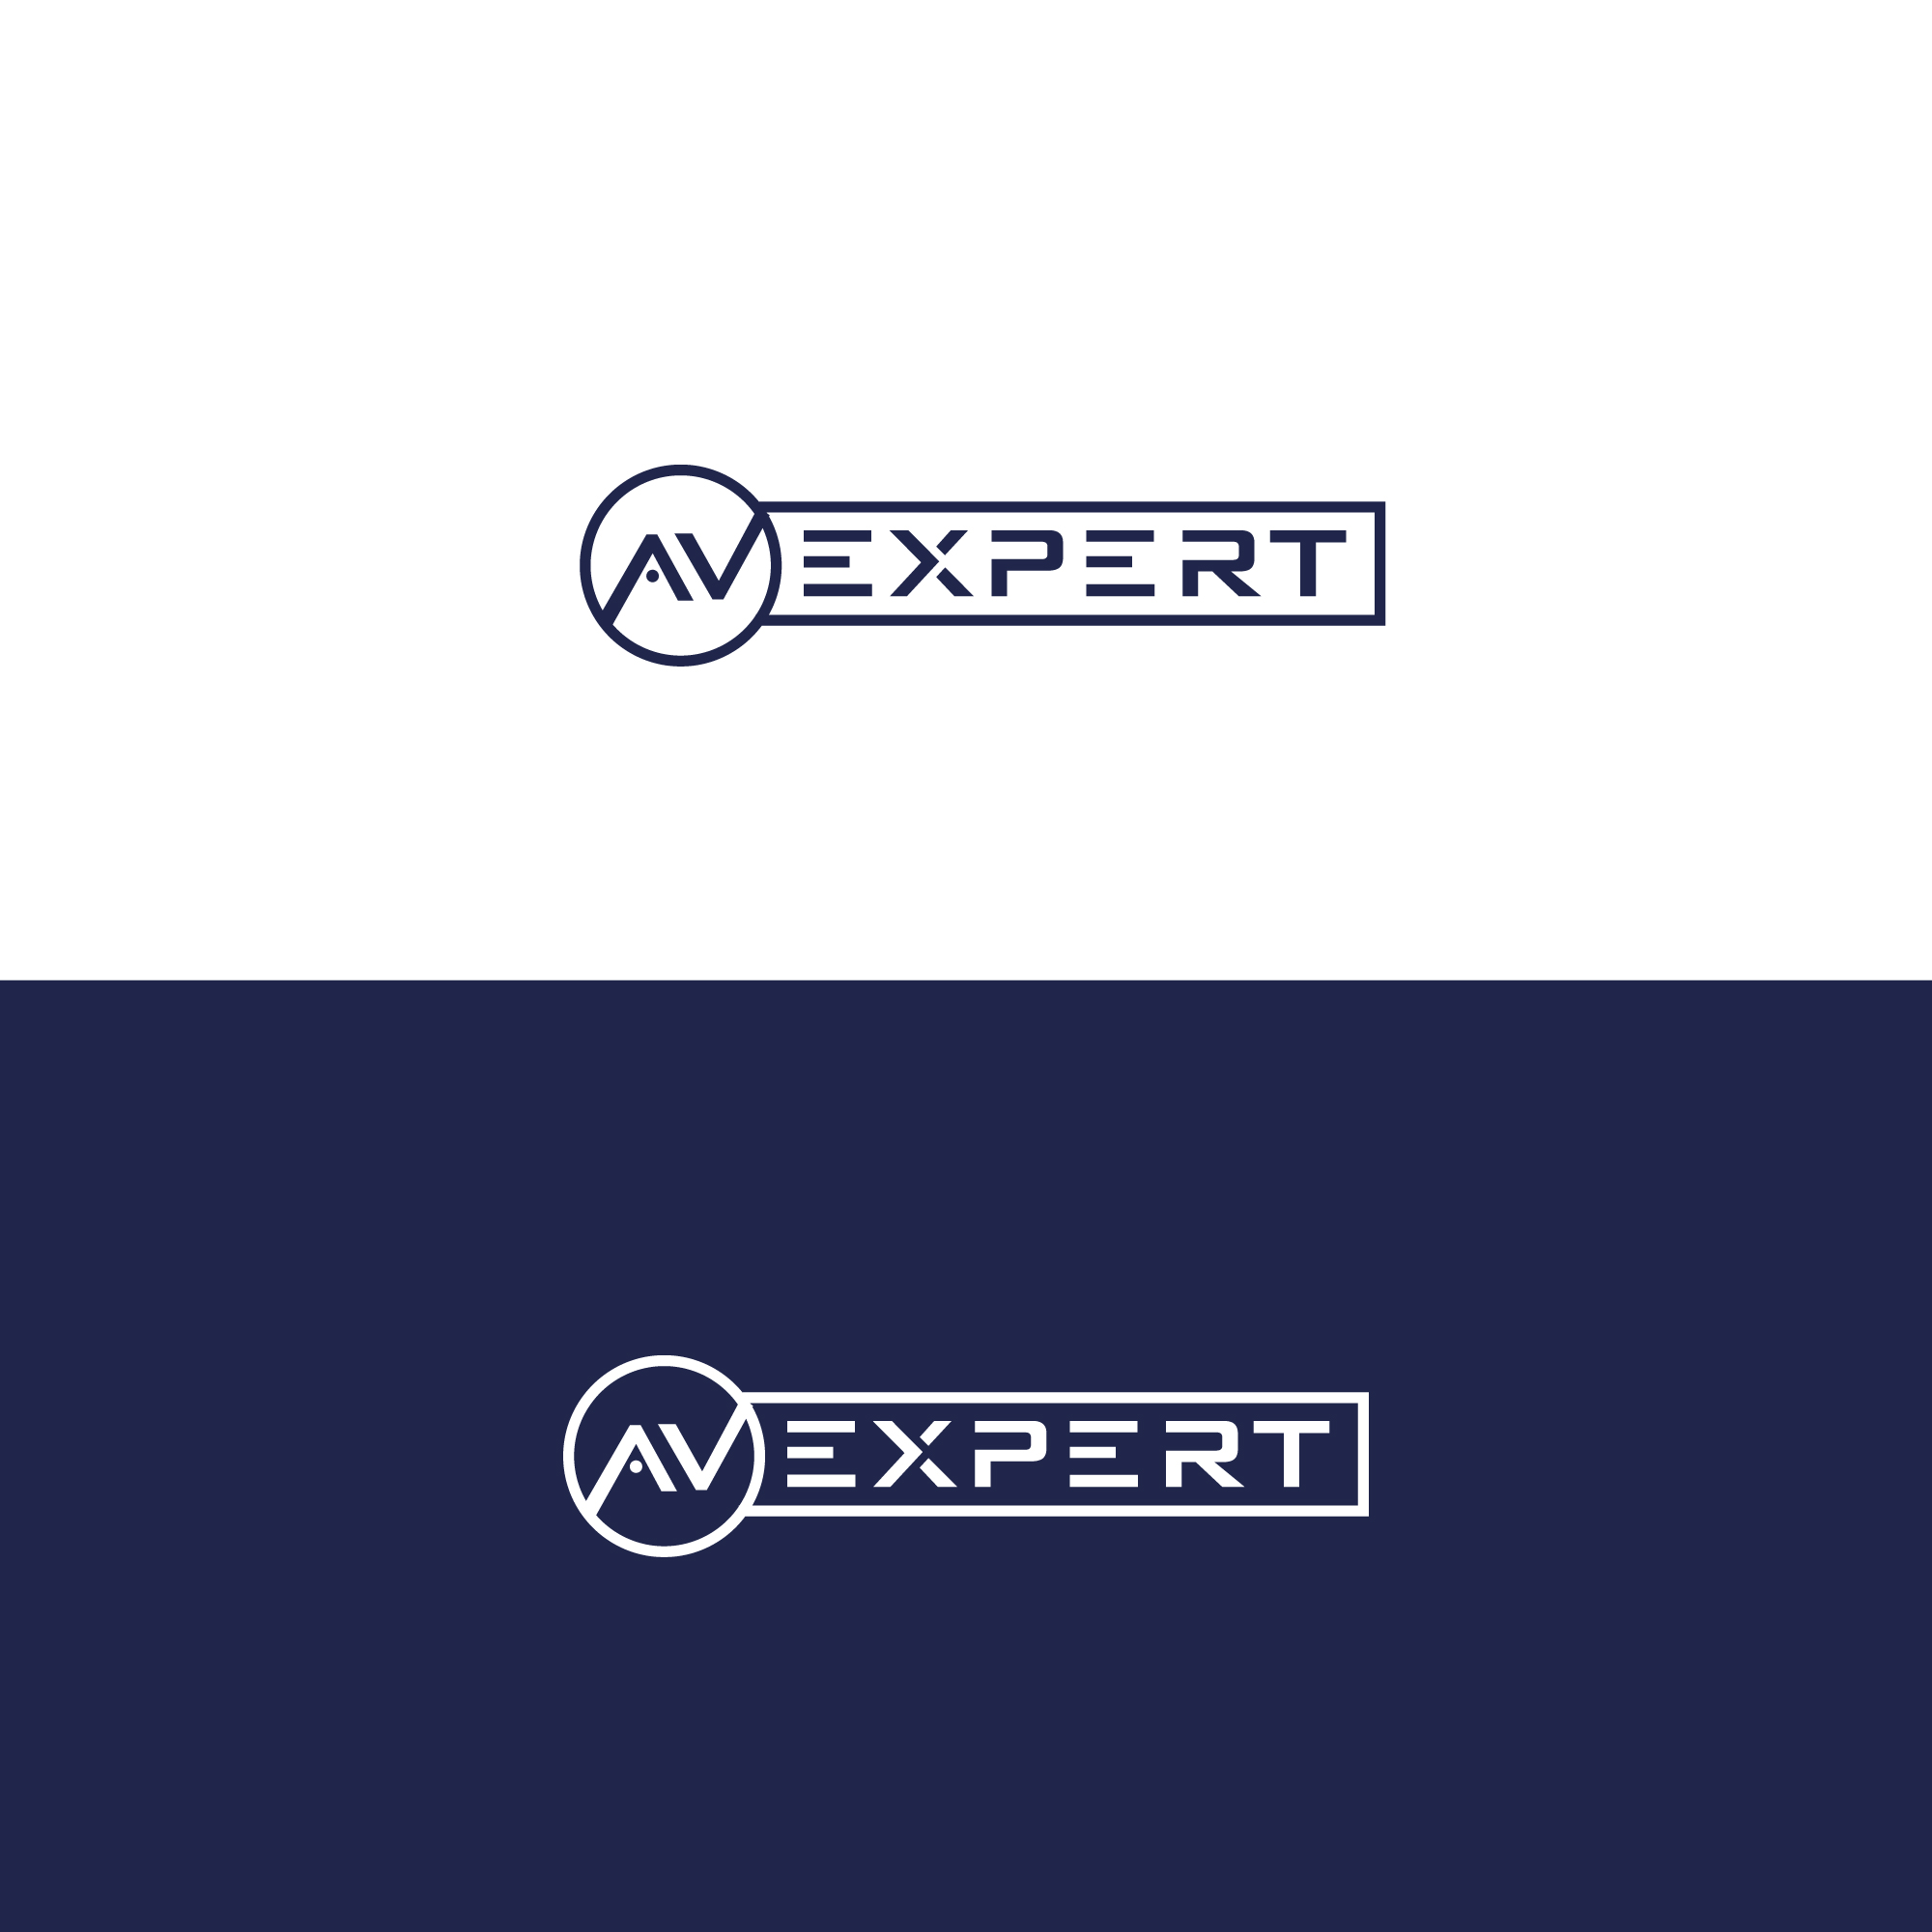 Создание логотипа, фирстиля фото f_3005c62a4b1452b5.jpg